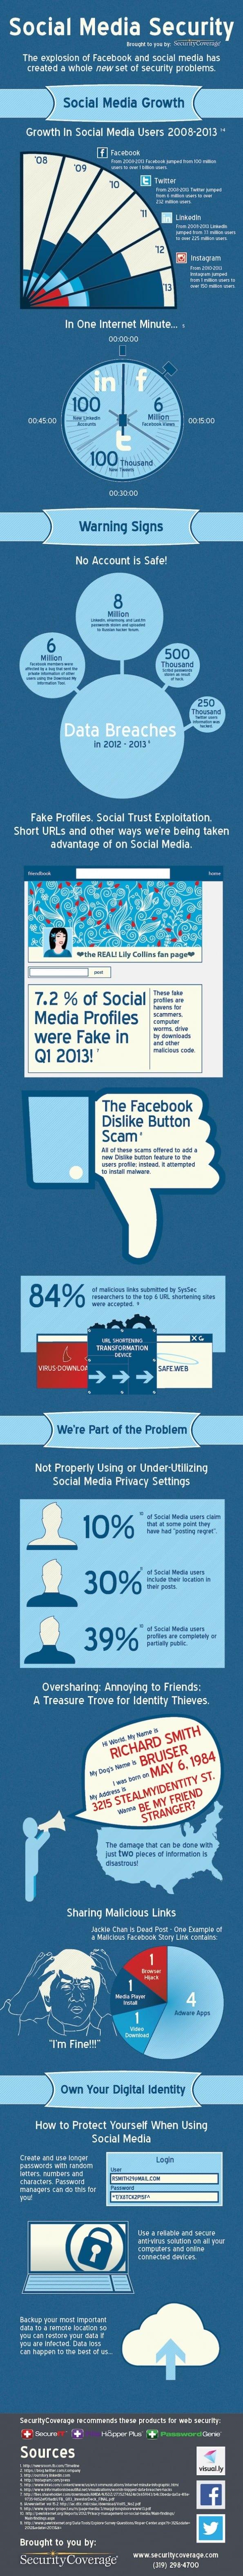 Veilig omgaan met social media - ben jij alert [infographic]